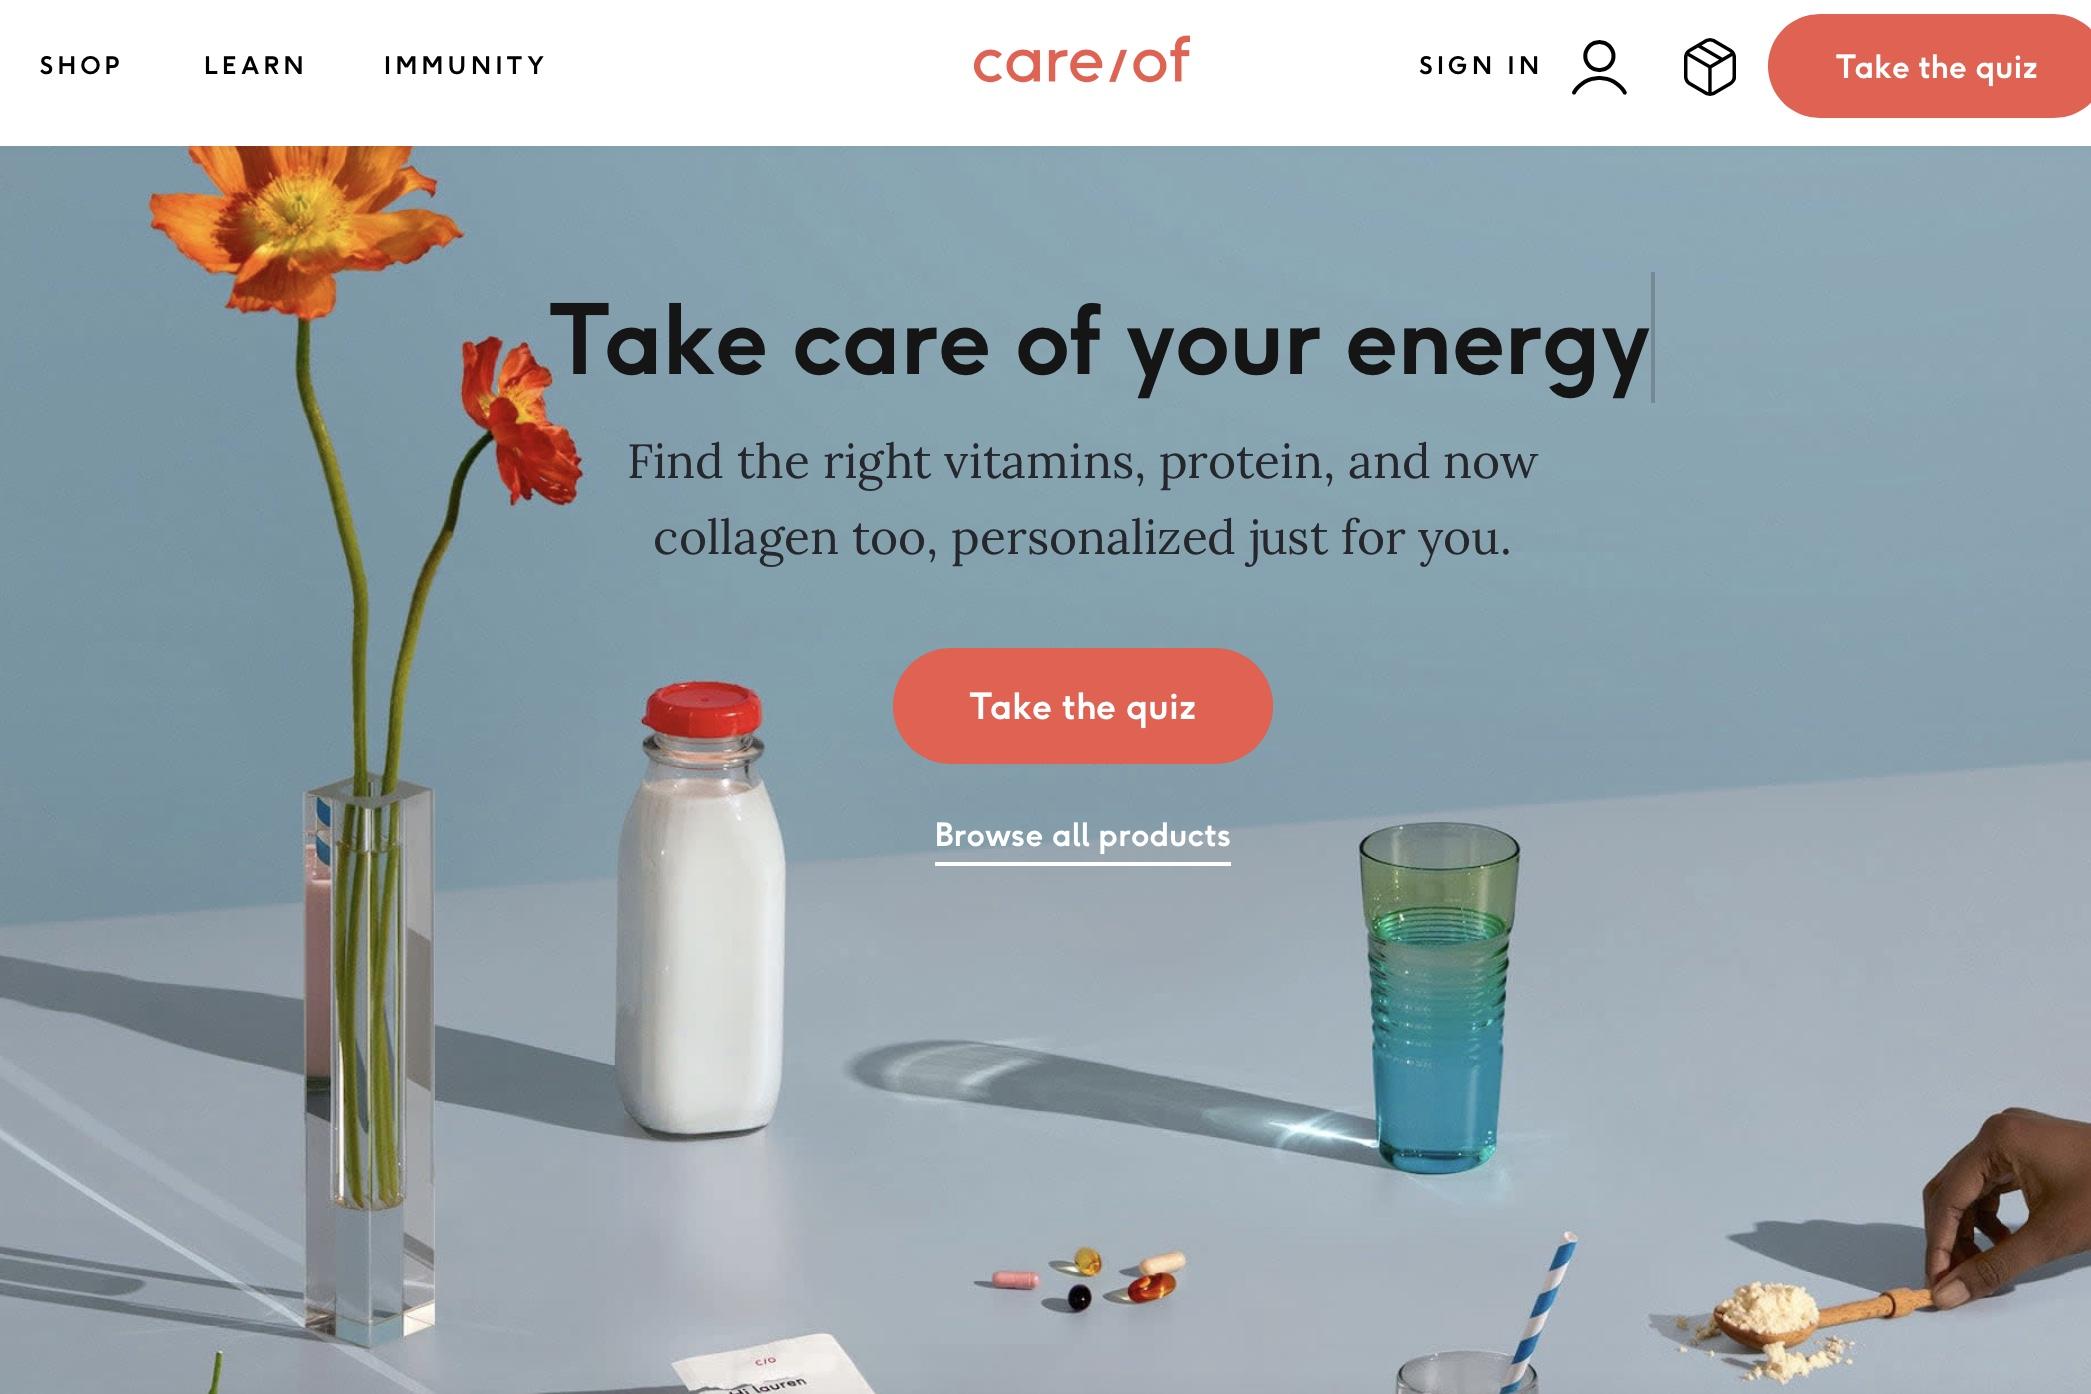 德国拜耳控股美国个人营养品定制初创公司 Care/of,估值2.25亿美元